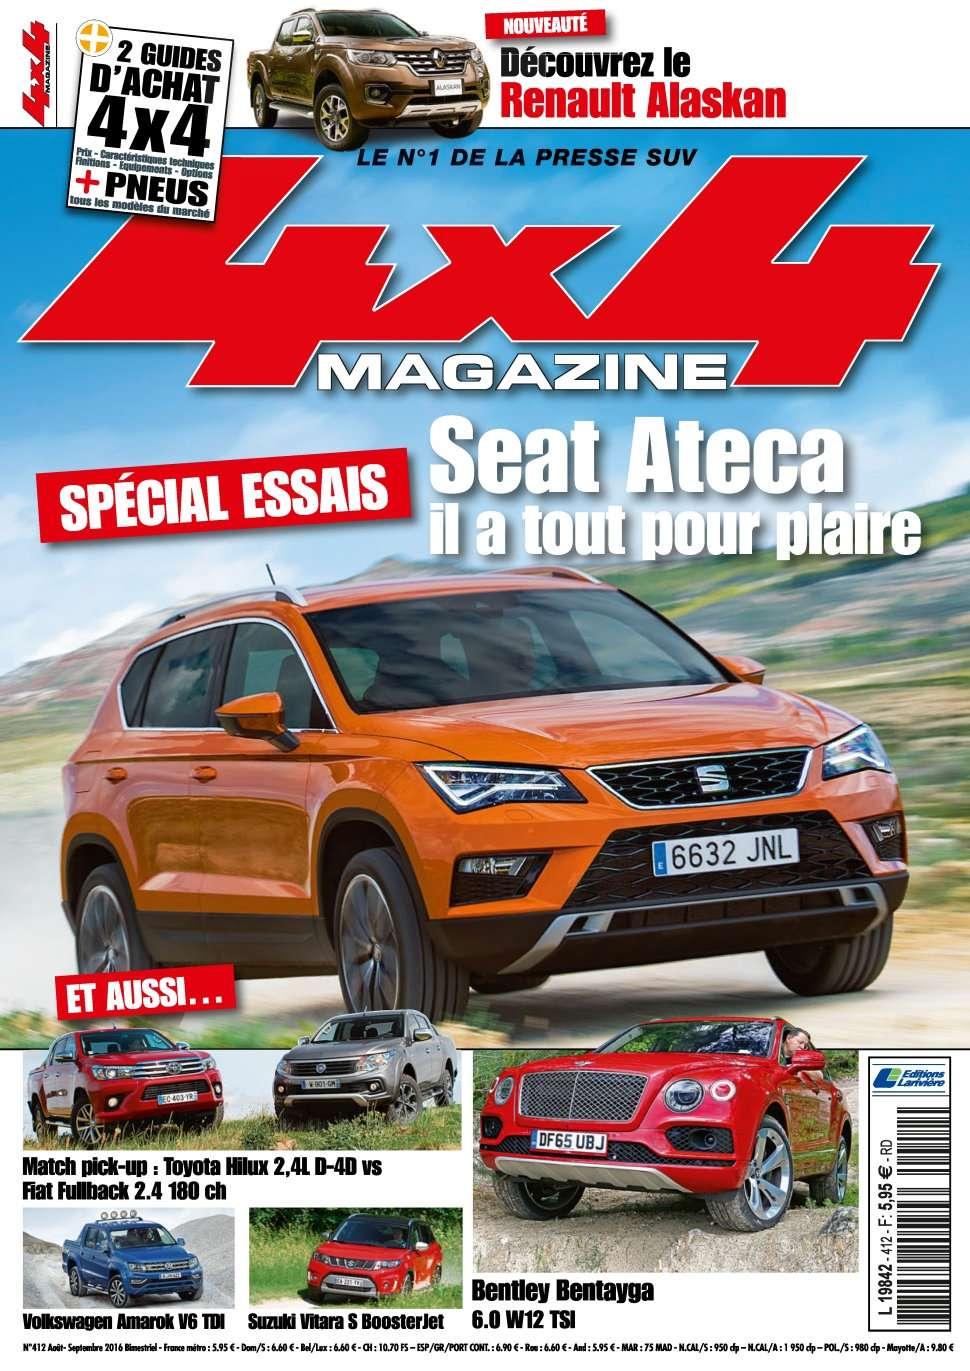 4x4 magazine 412 - Aout/Septembre 2016